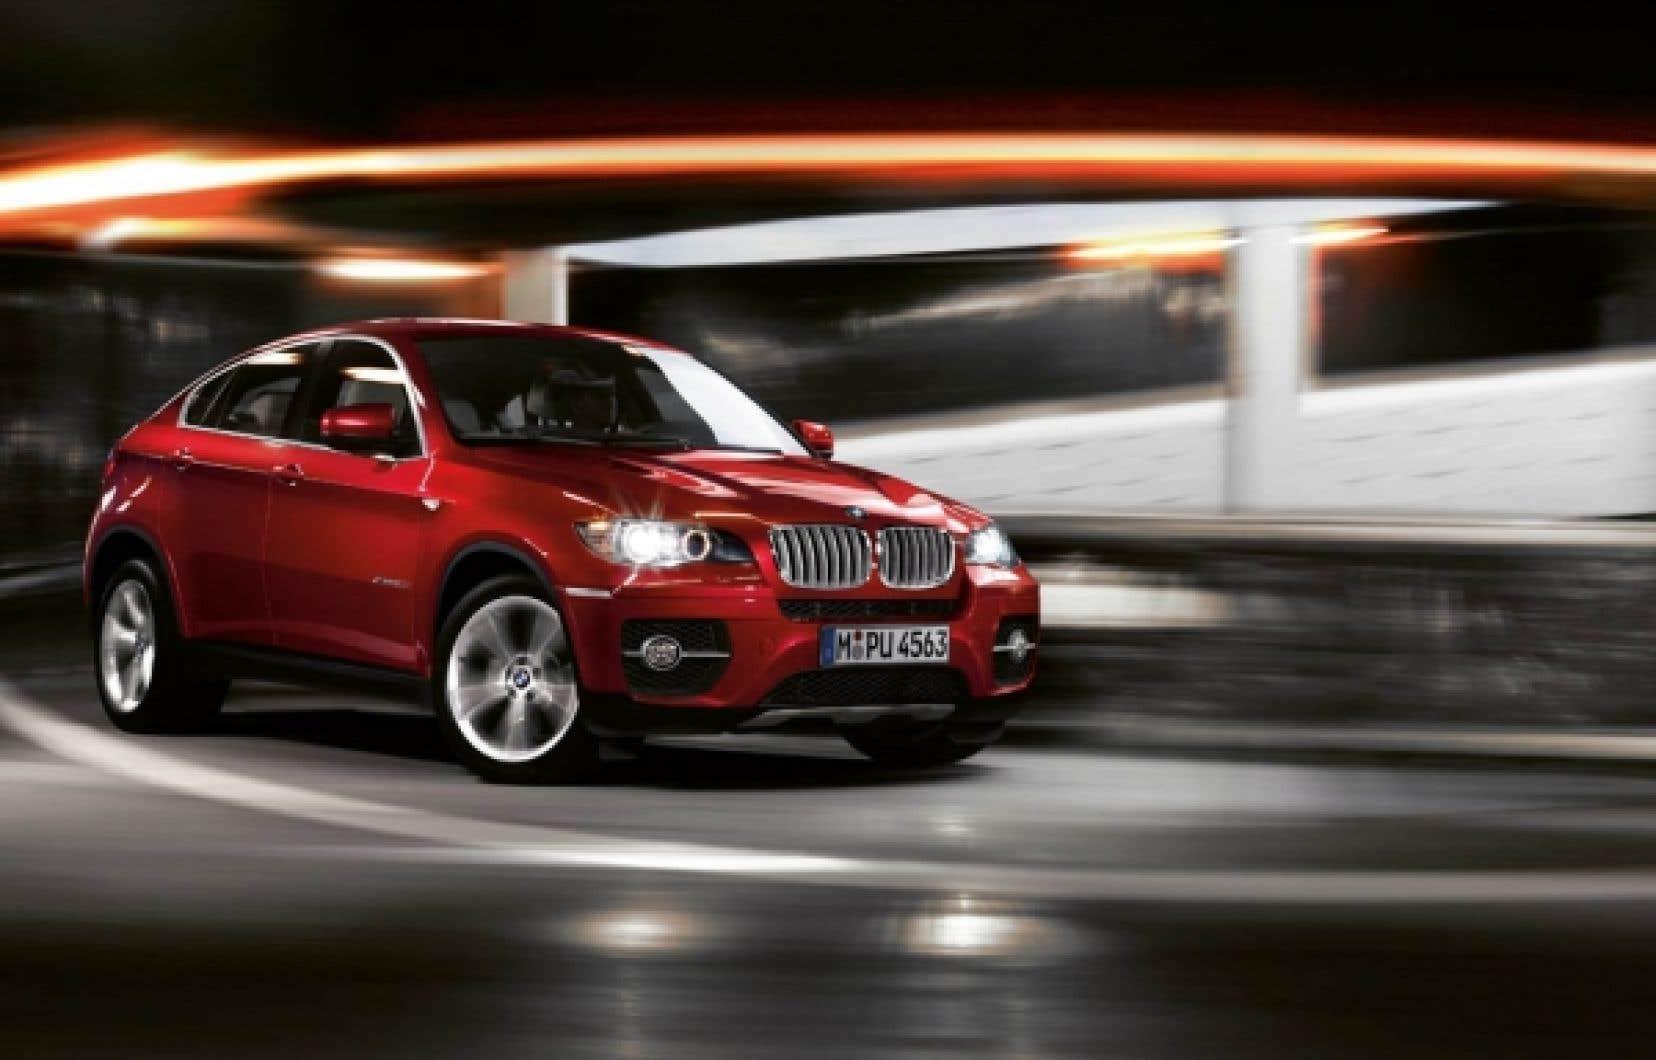 Ce n'est pas non plus parce que la BMW X6 ActiveHybrid possède un système hybride qu'elle est écolo.